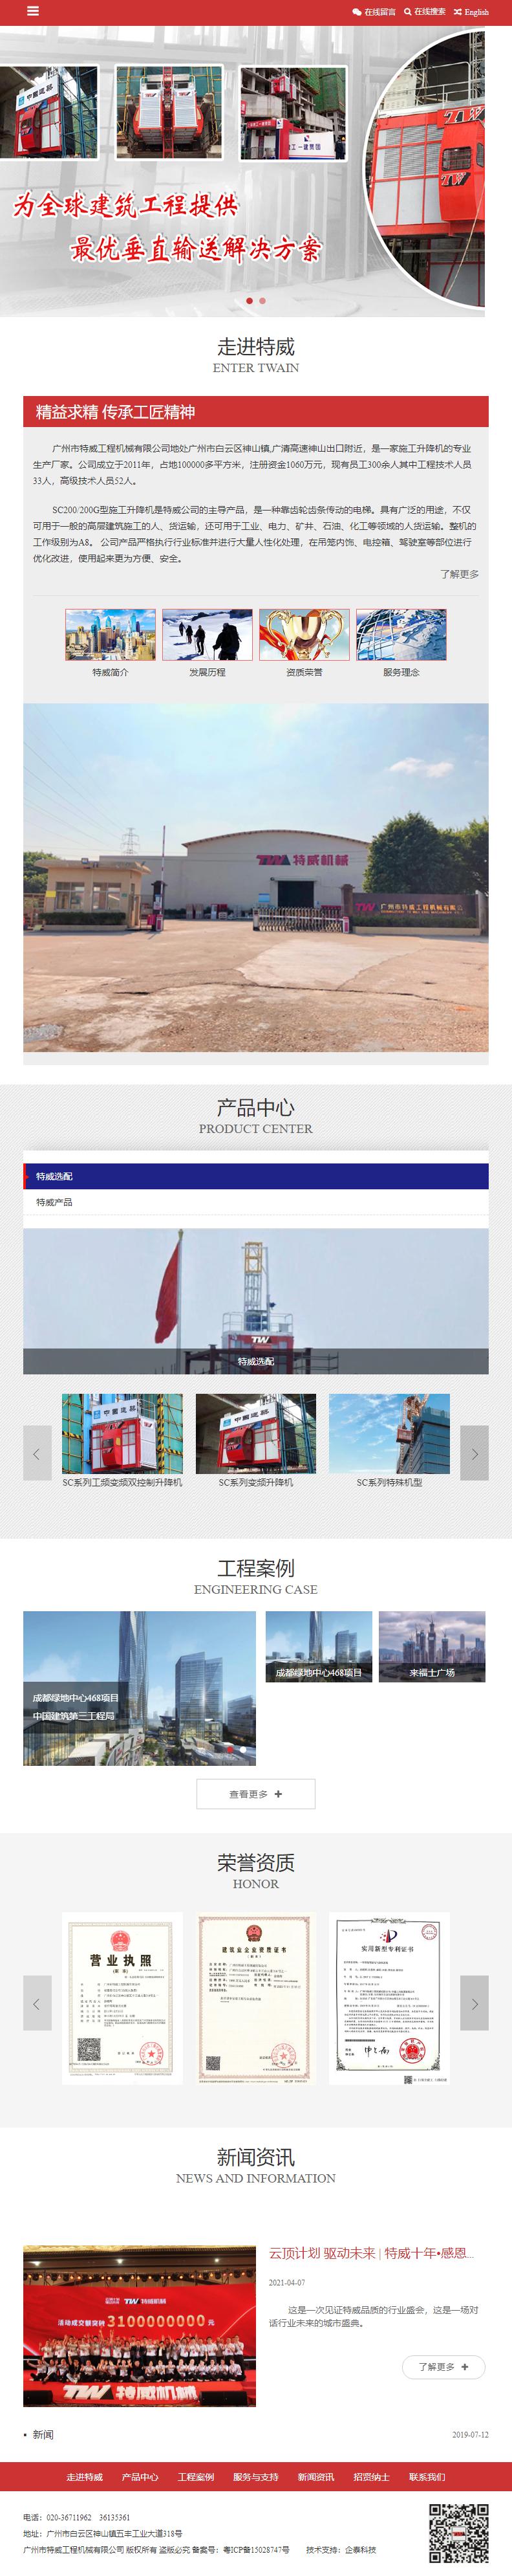 广州市特威工程机械有限公司网站案例